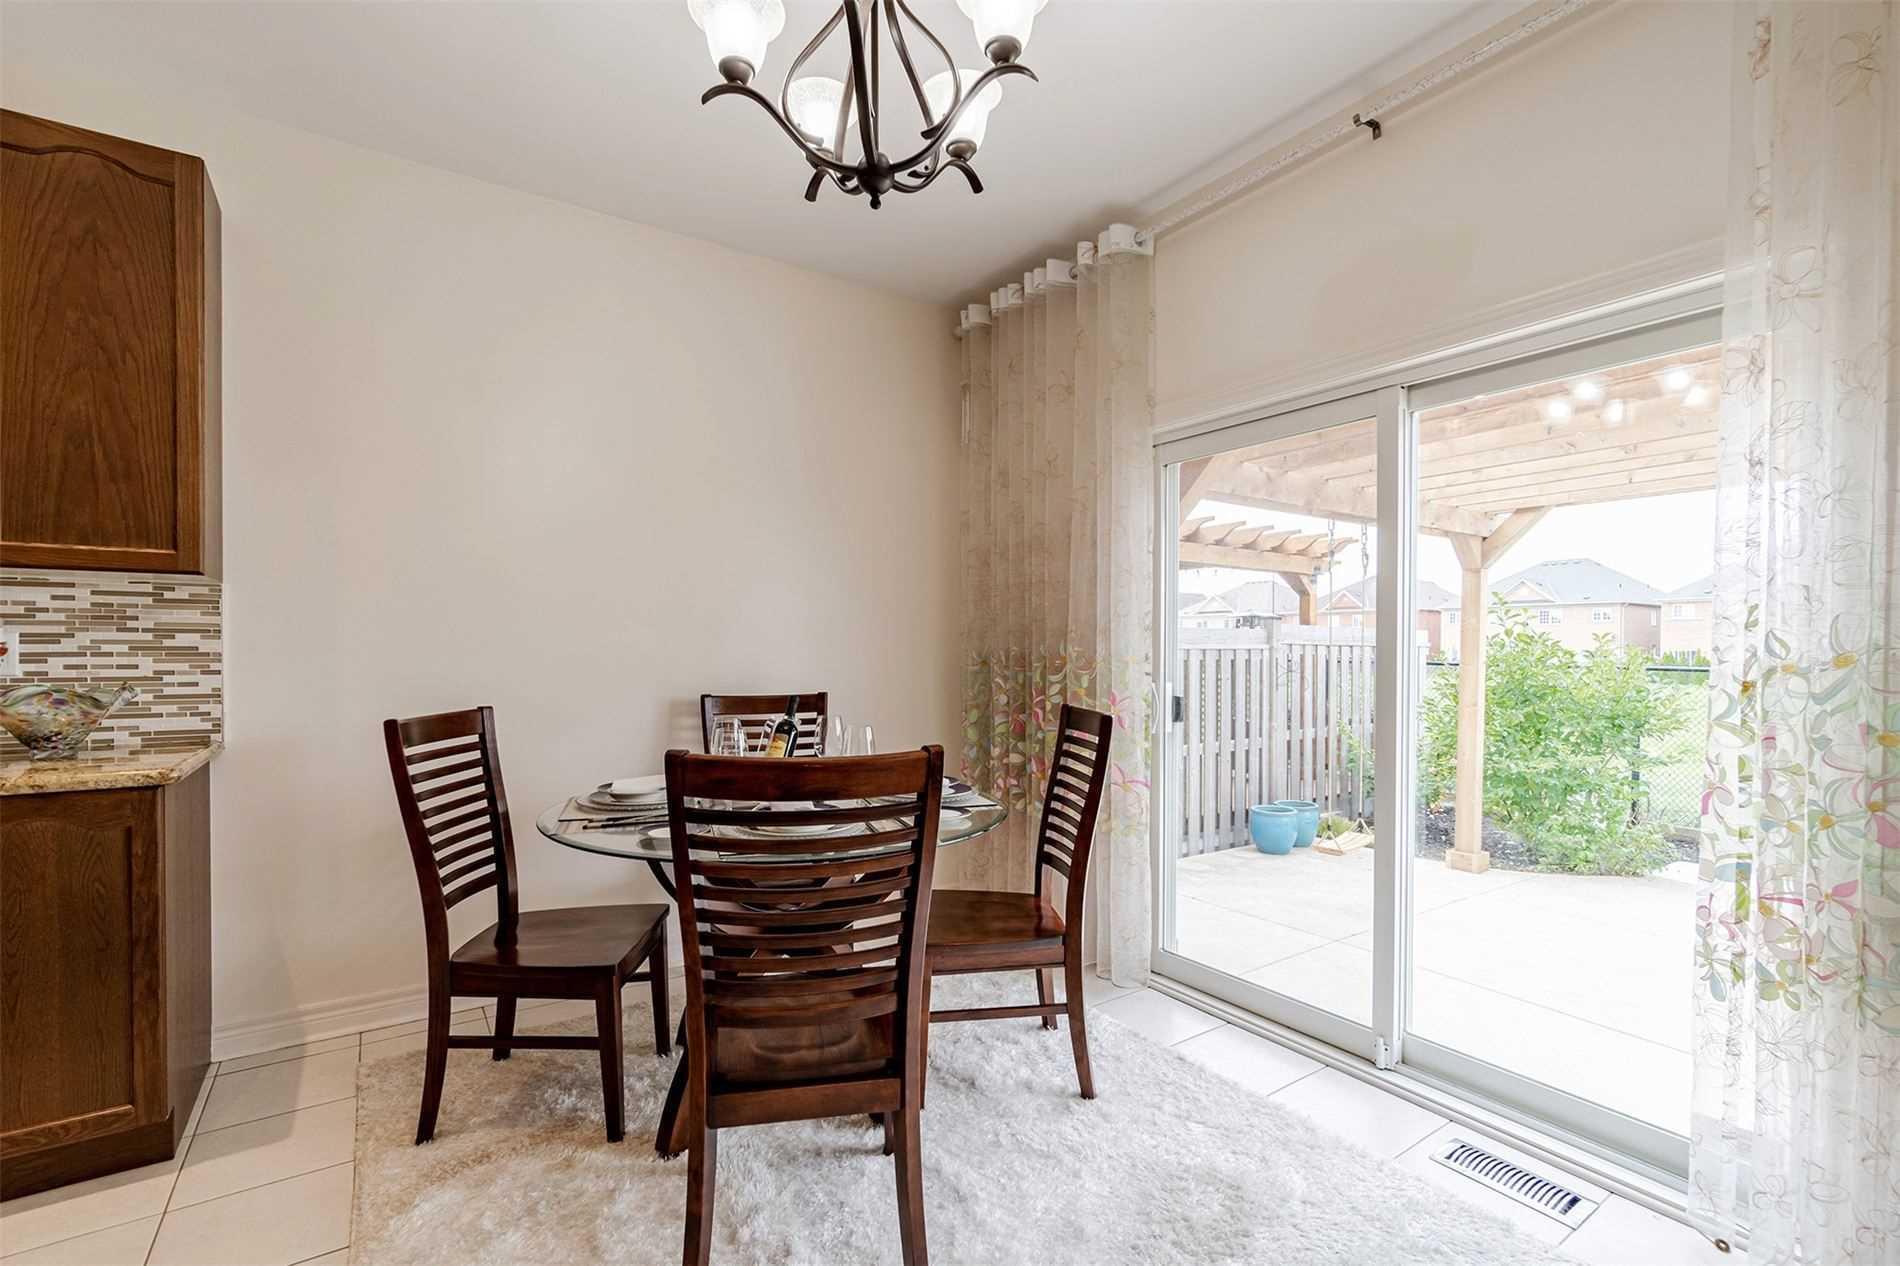 865 Stoutt Cres - Coates Detached for sale, 4 Bedrooms (W5399927) - #10